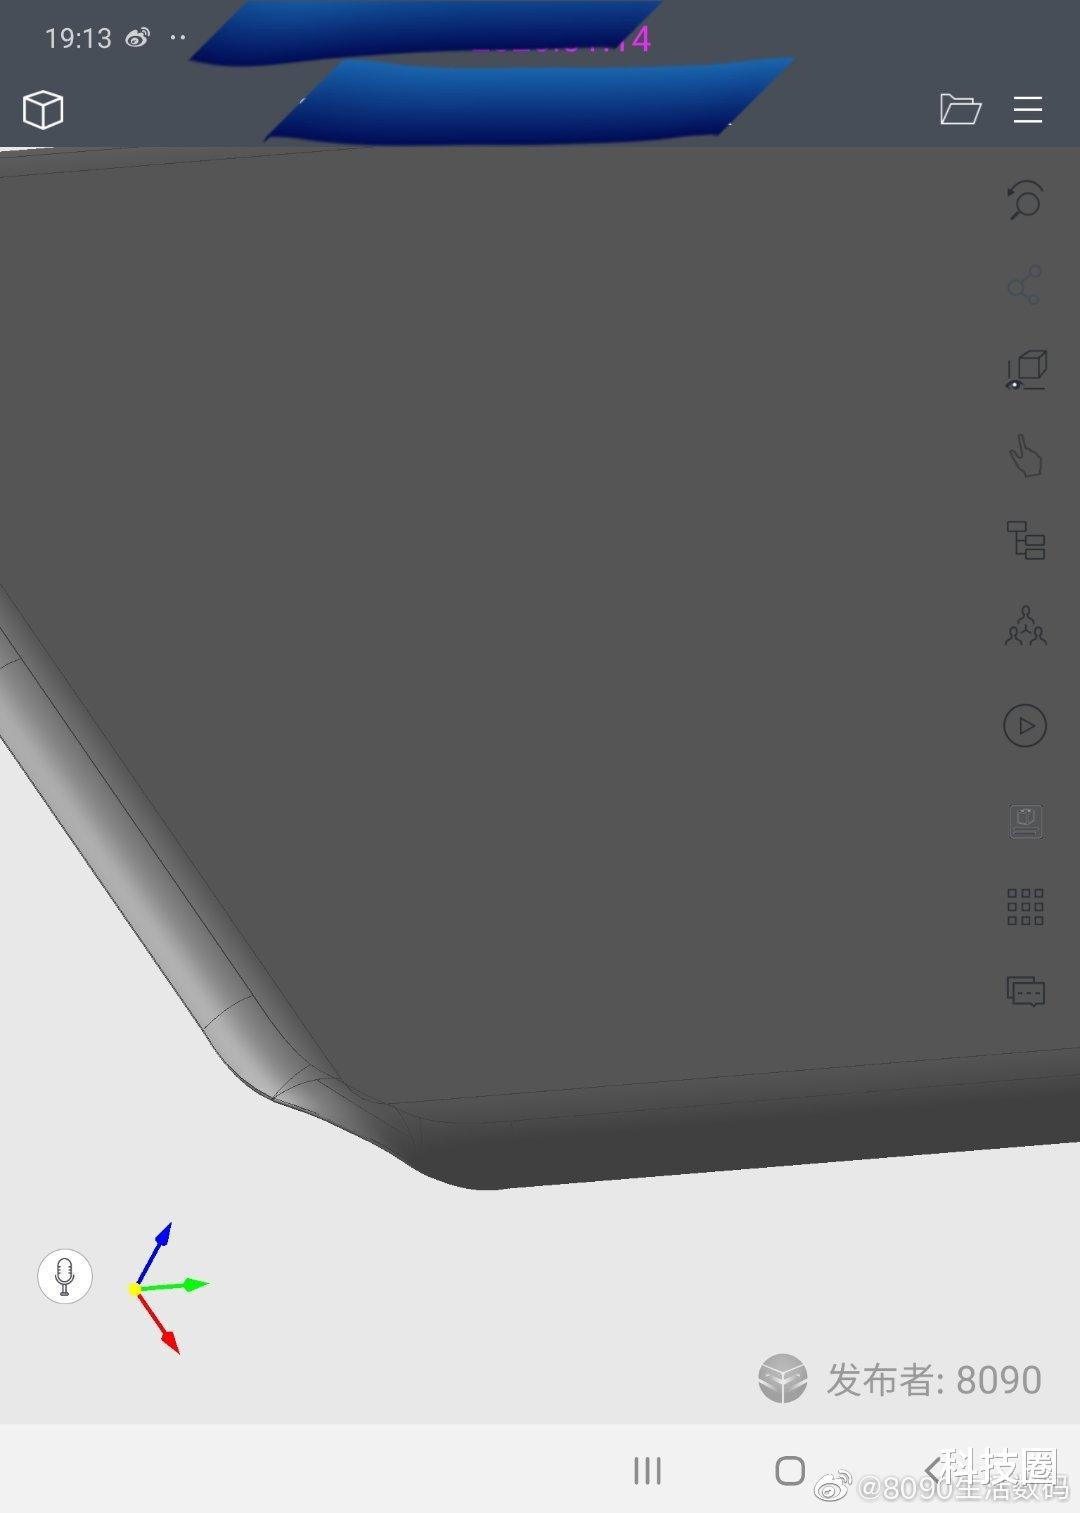 华为P40 Pro正面CAD图曝光,首款四曲面手机华为将首发!